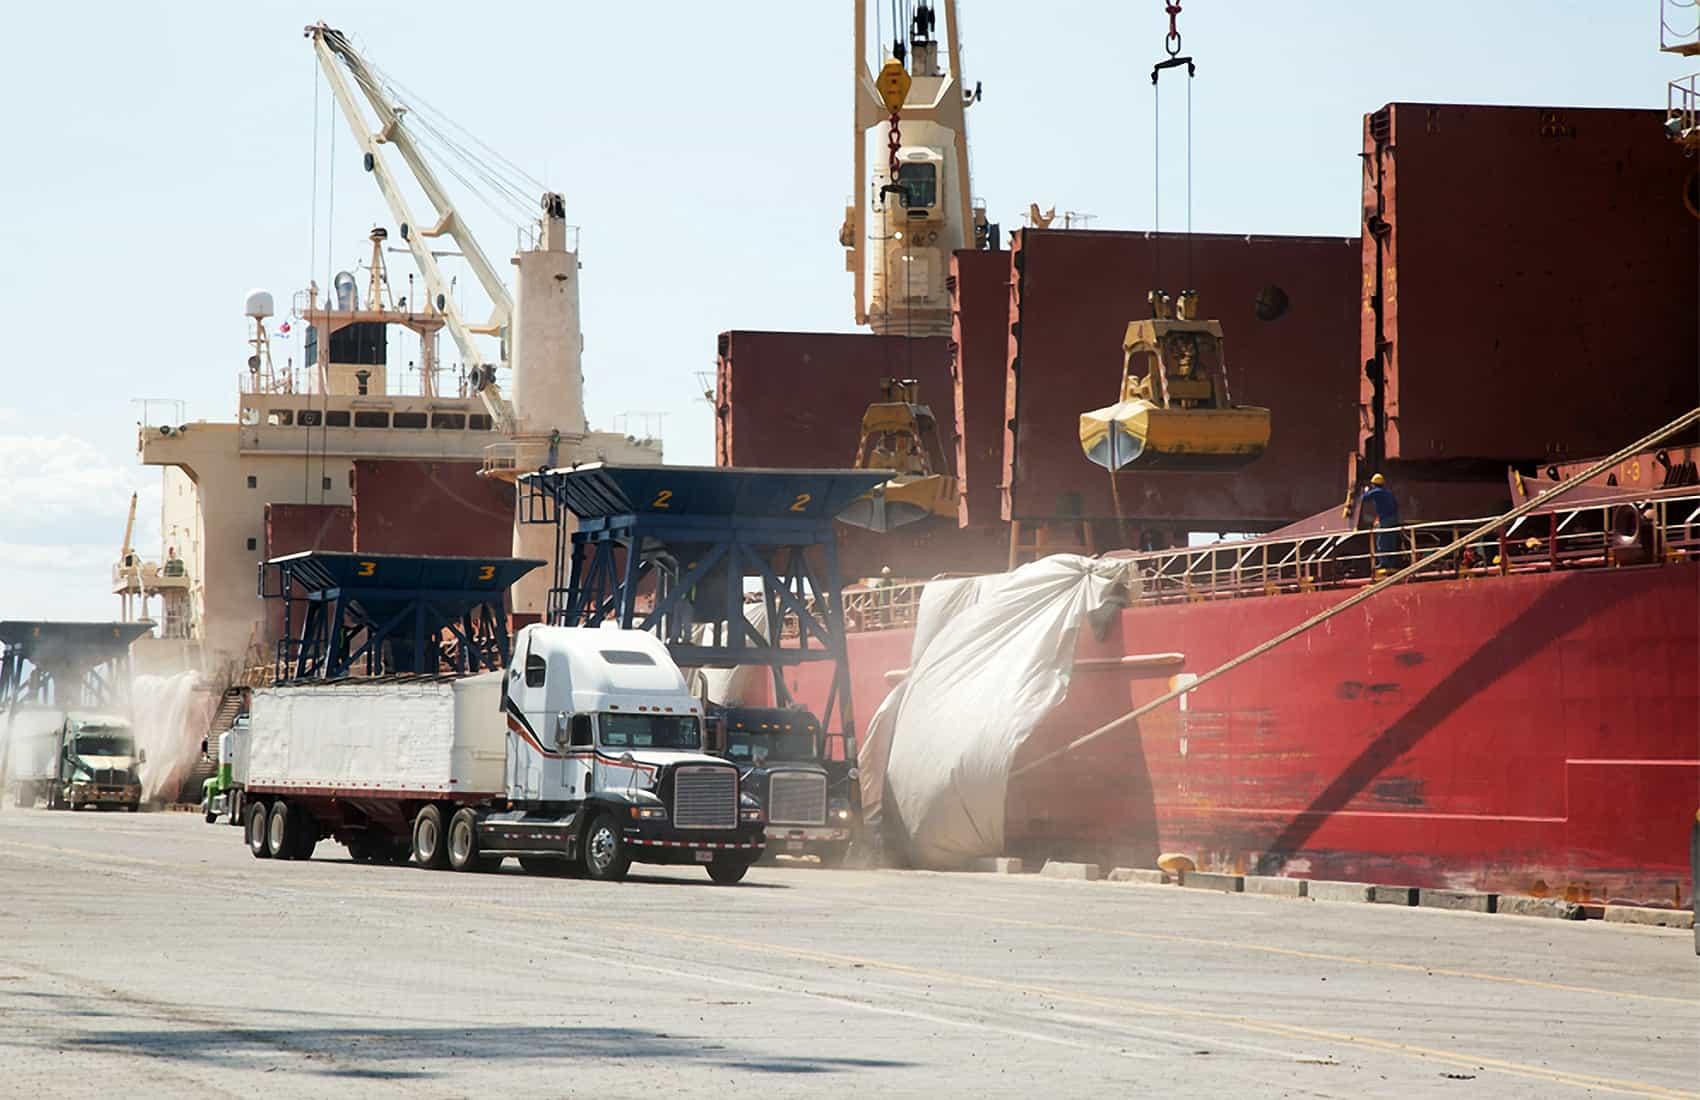 Caldera Port, Puntarenas, home of a new cargo ferry